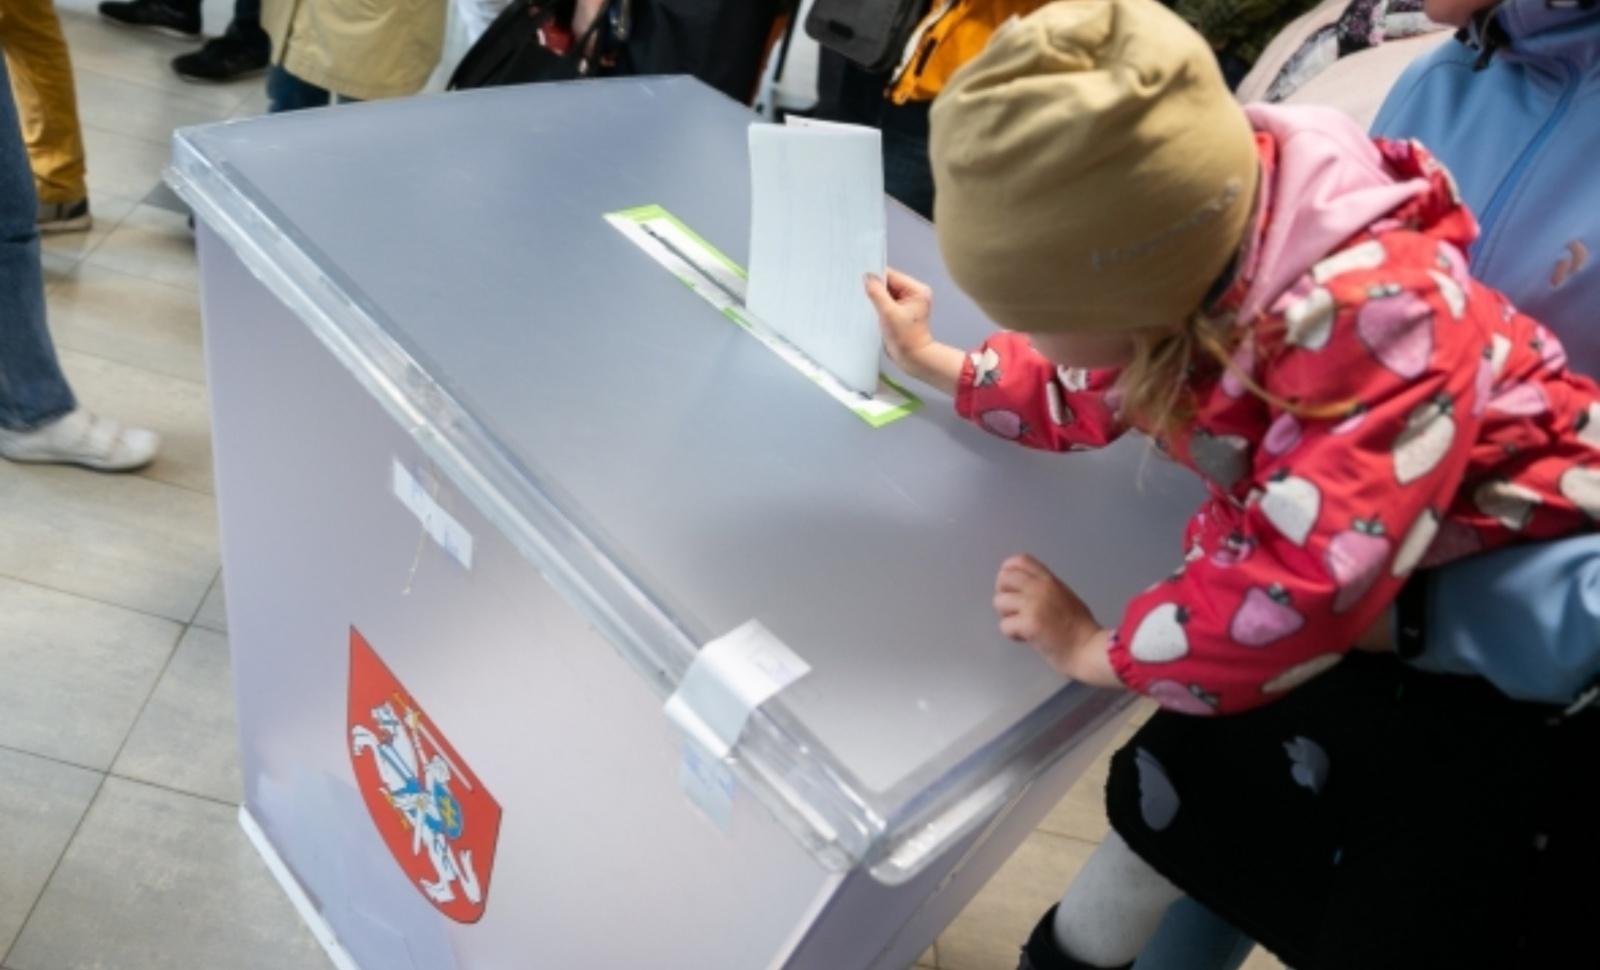 VRK tvirtins apylinkių ribas, jų per šiuos rinkimus mažėja keliomis dešimtimis